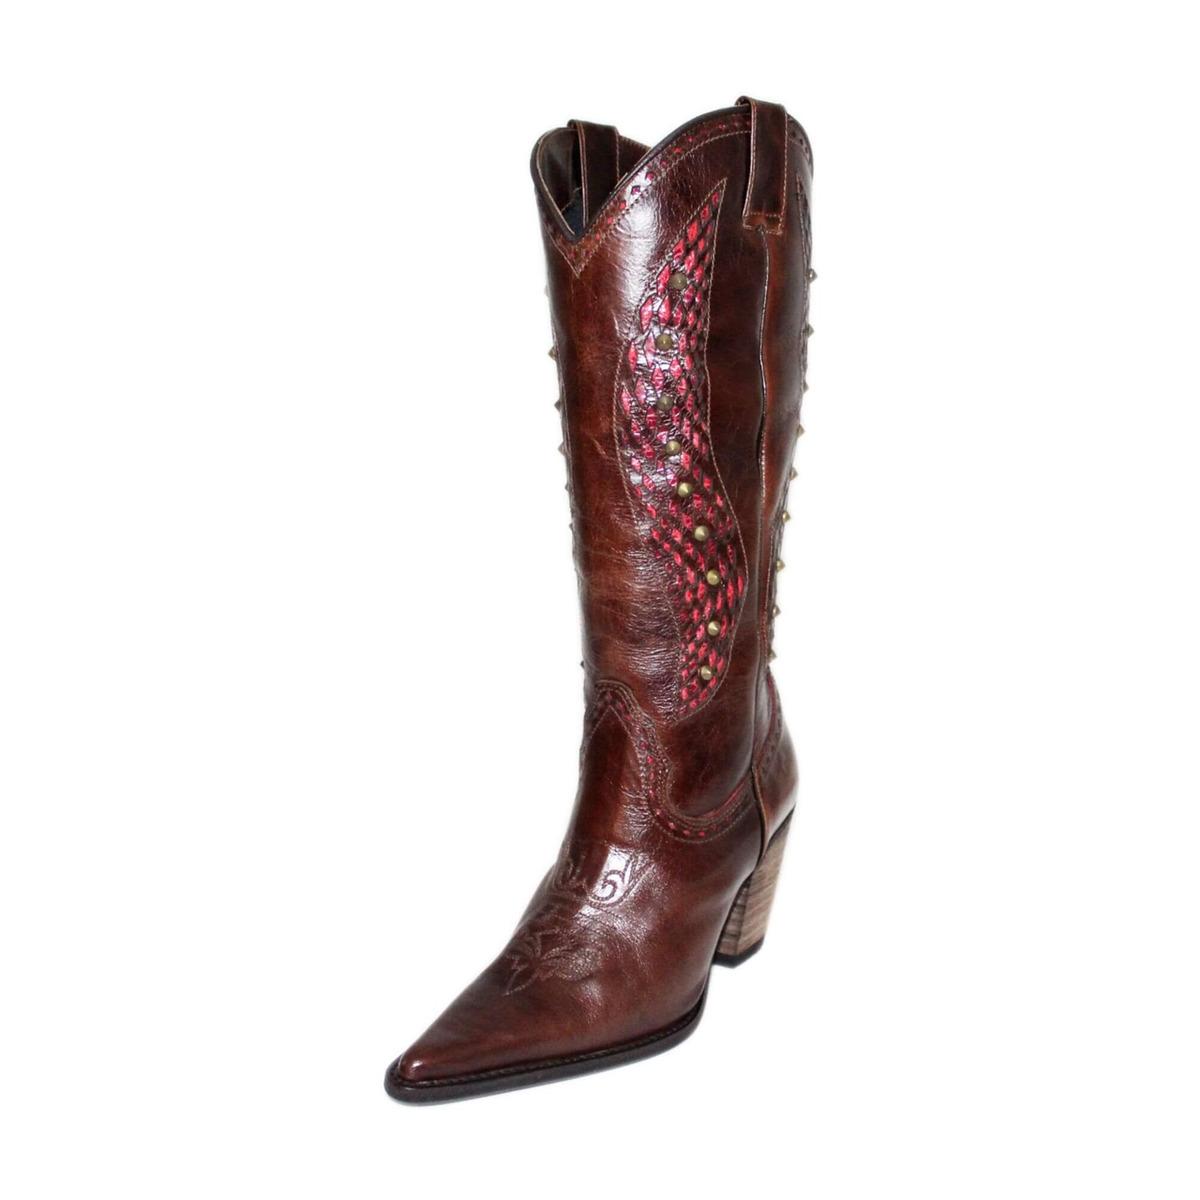 c776532a4f Bota Country Feminina Couro Café Tucson - R$ 590,79 em Mercado Livre